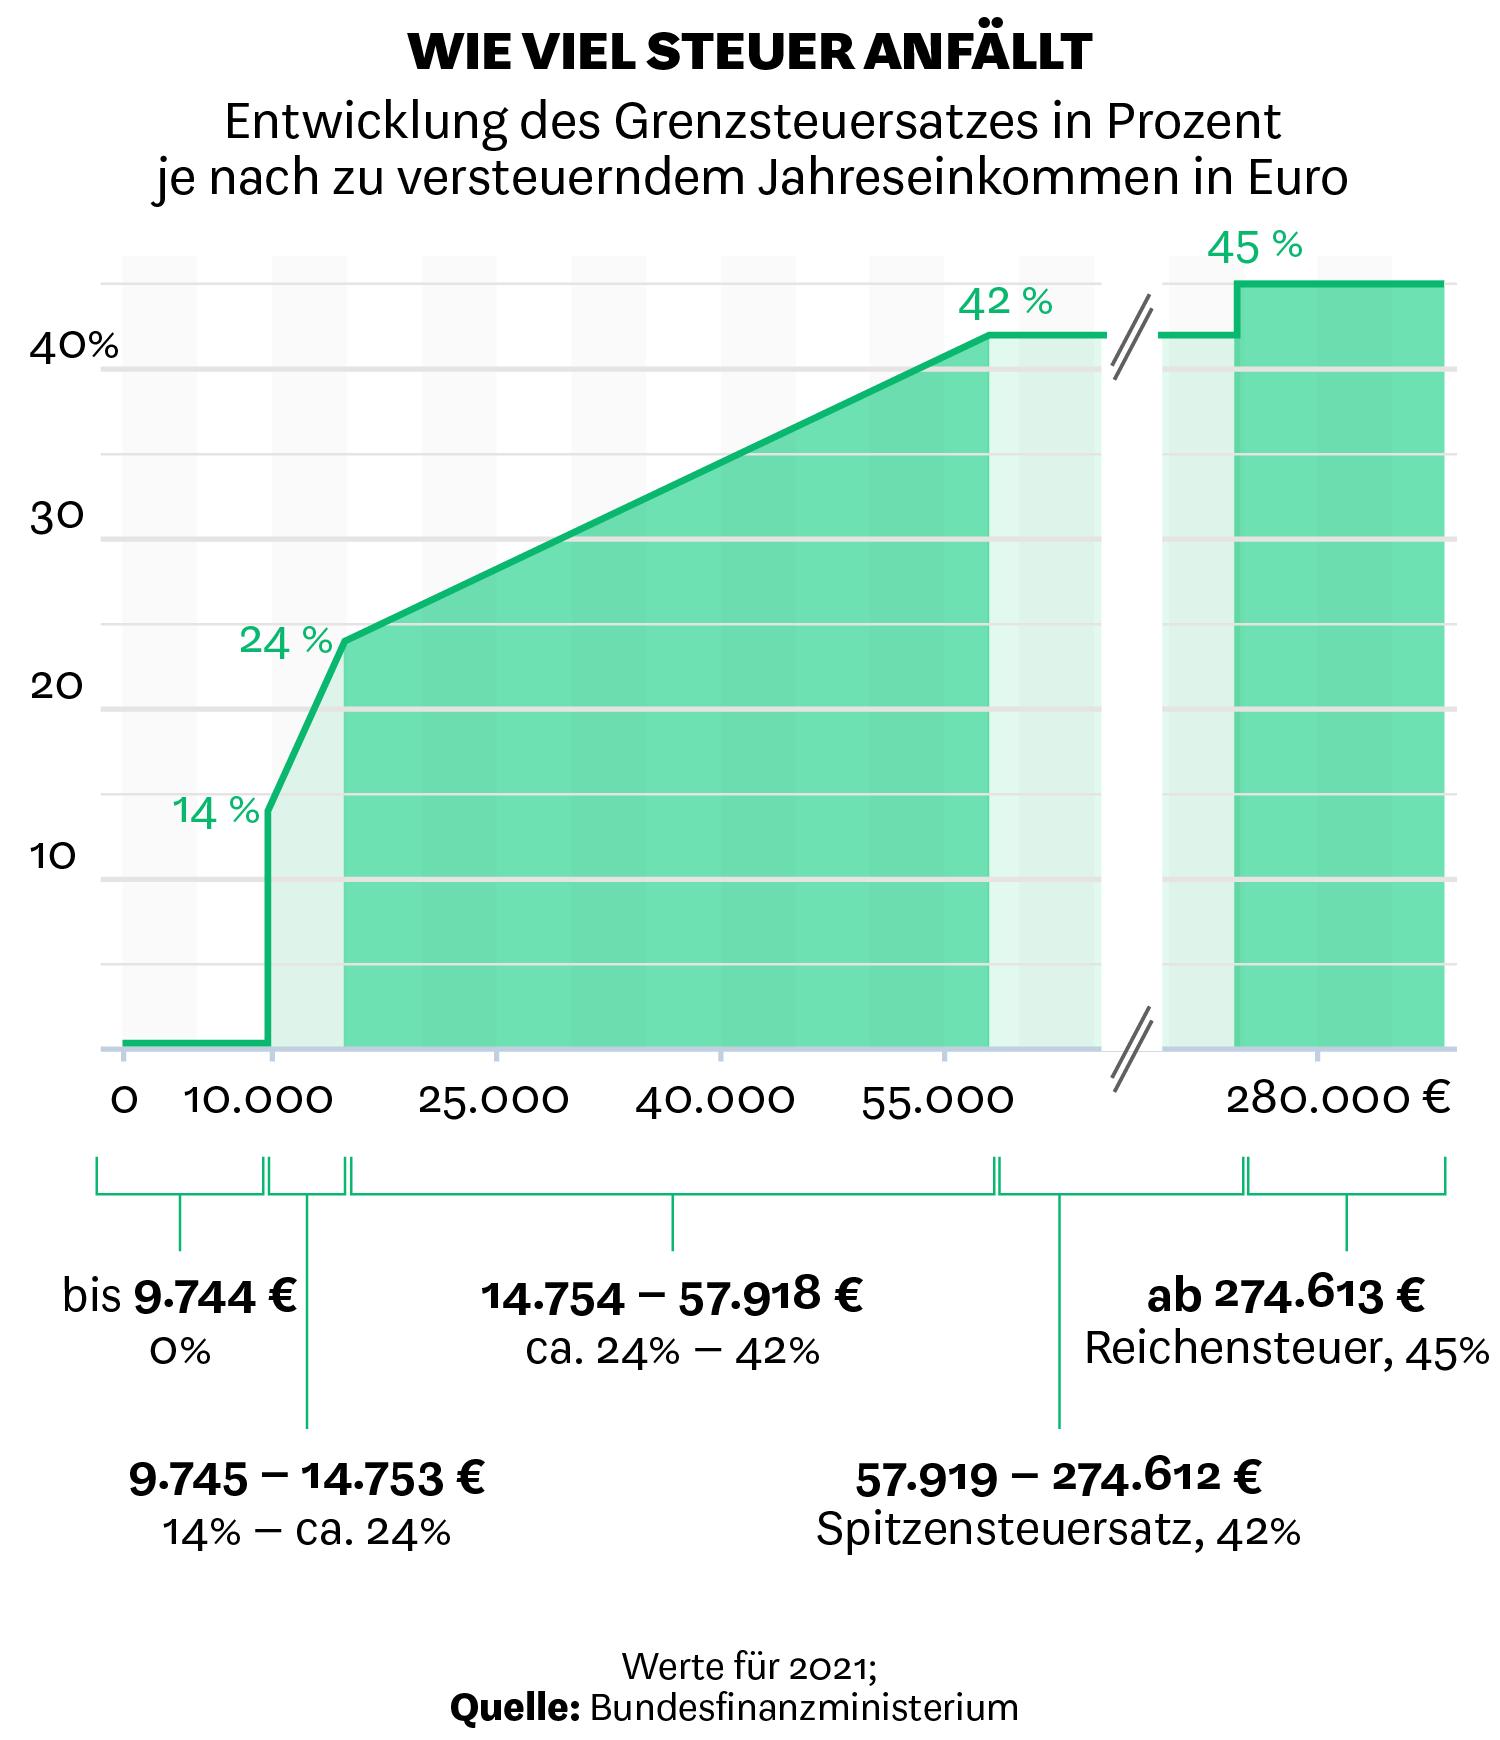 Entwicklung des Grenzsteuersatzes